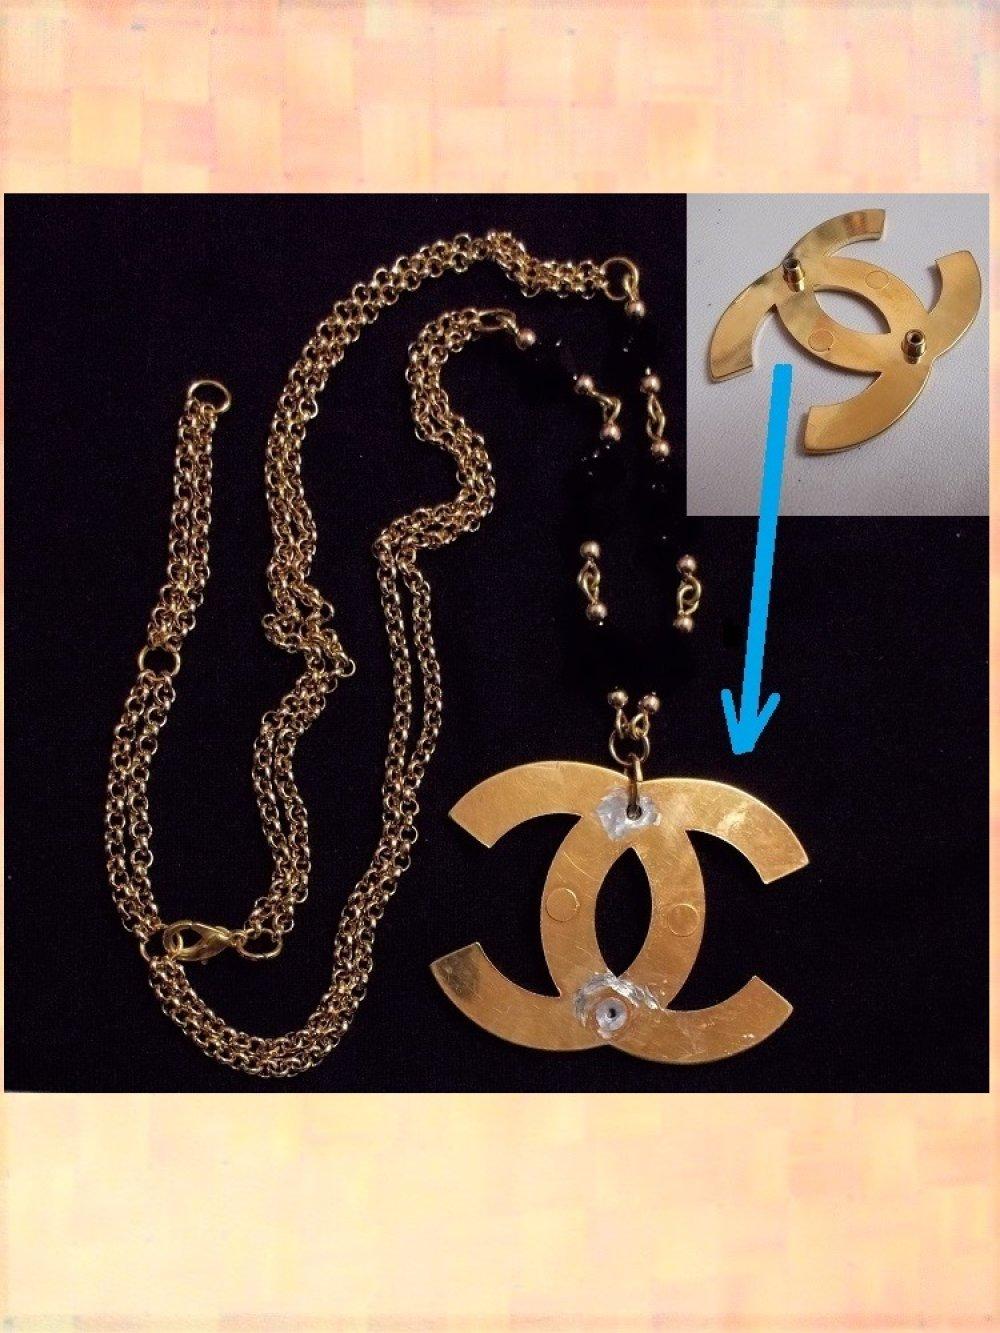 Collier noir et or avec pendentif Chanel authentique ancien fermoir de sac